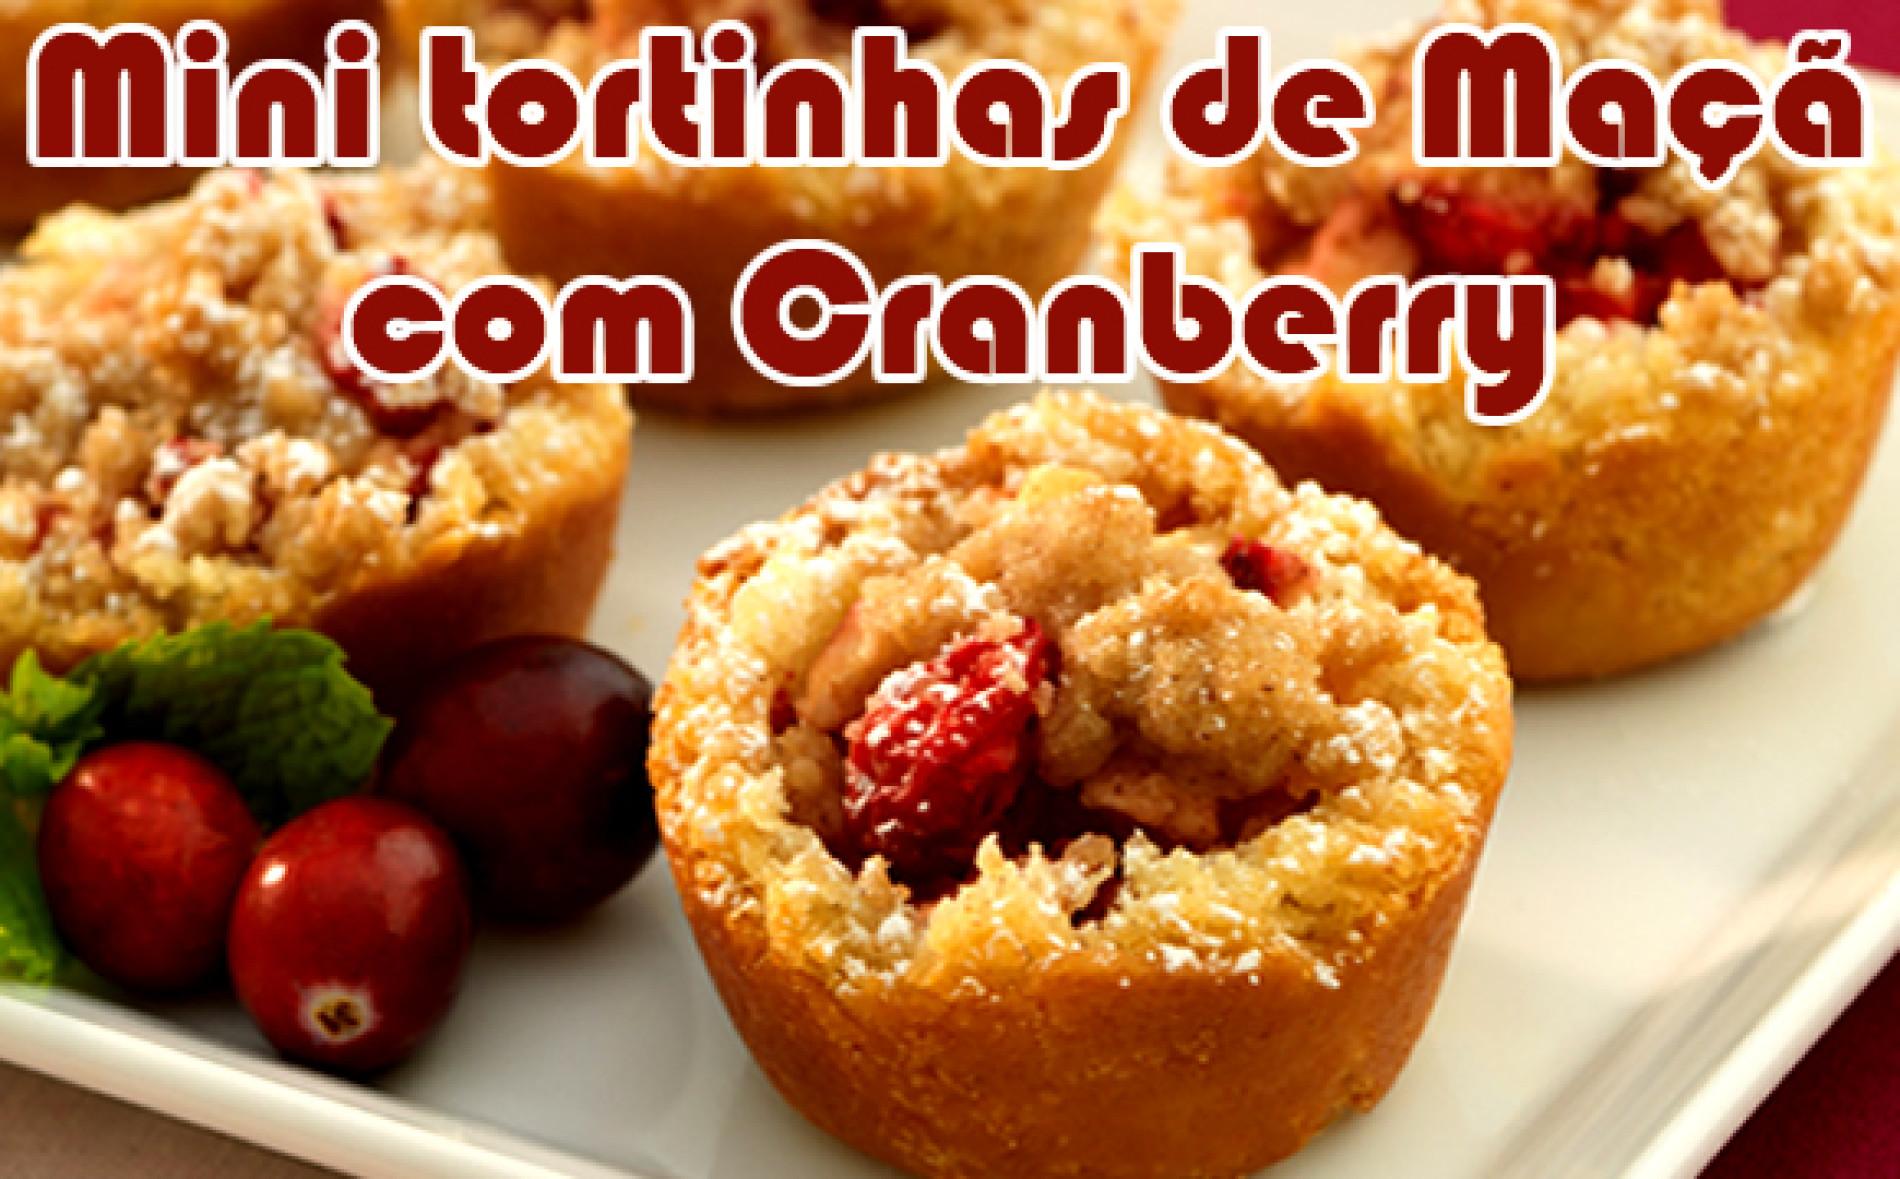 Mini tortas de maçã com Cranberry de natal